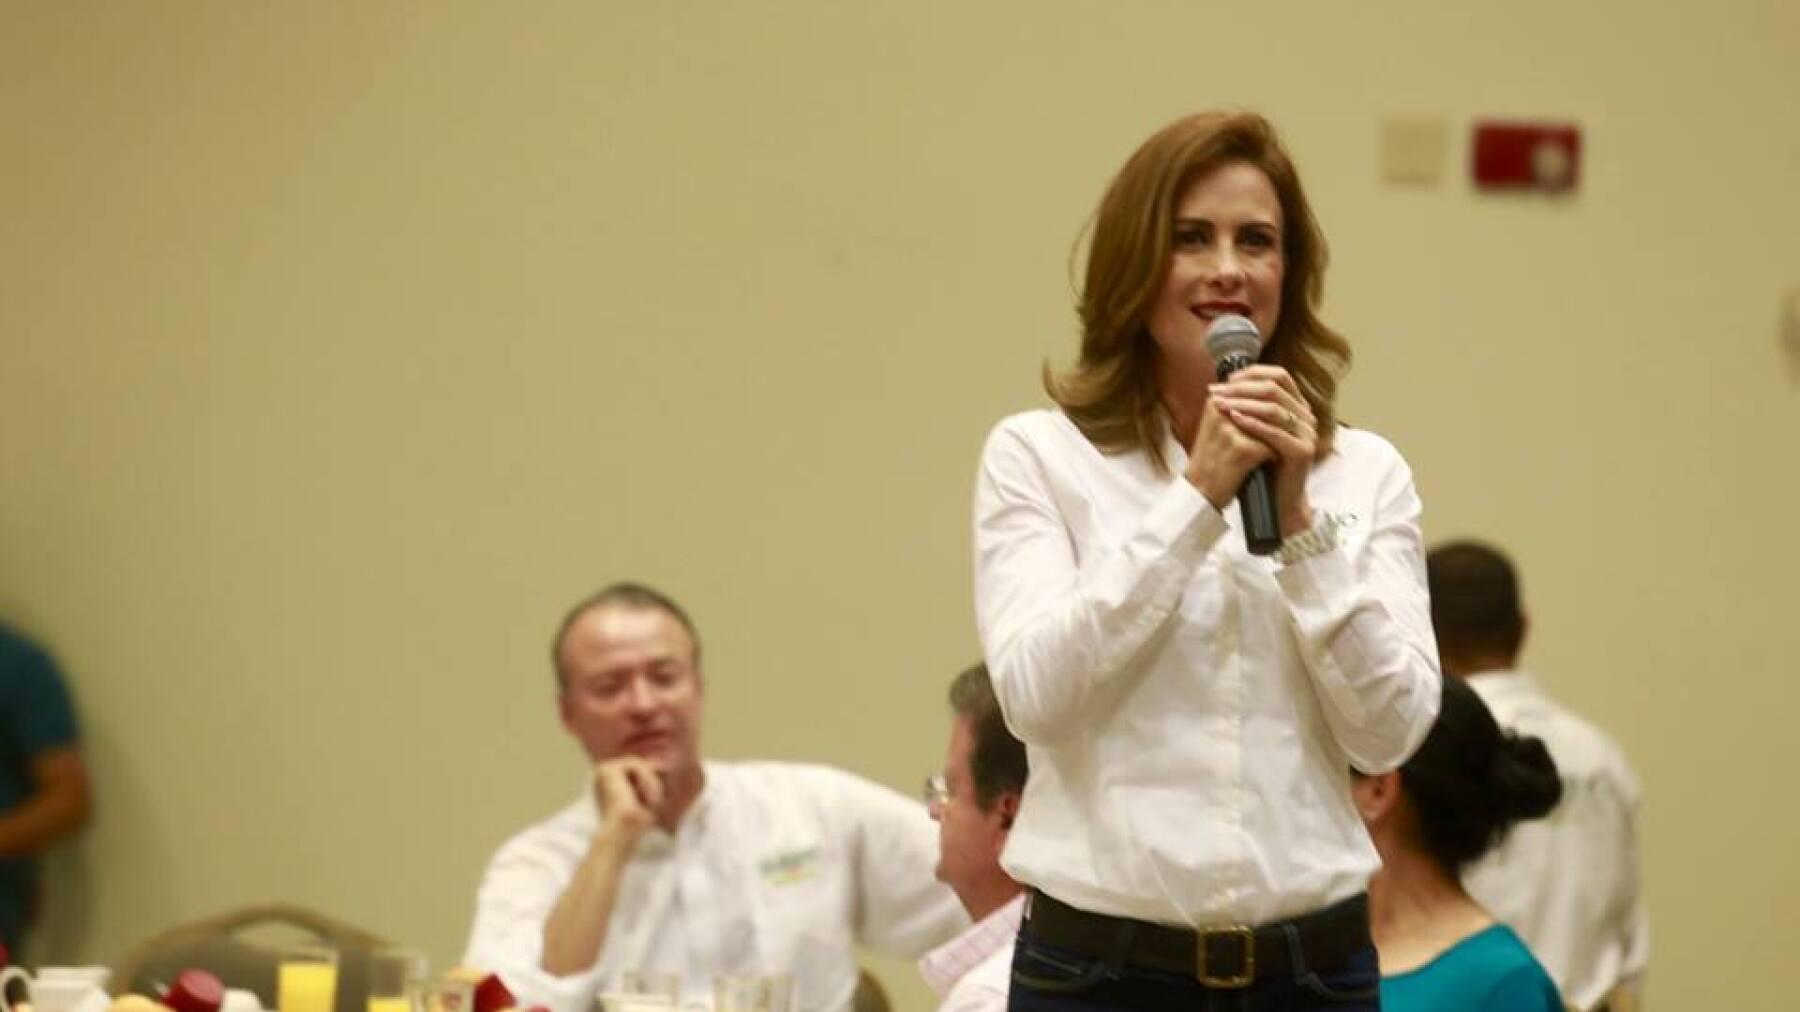 La esposa del candidato priista Quirino Ordaz lo acompaña casi a todos los eventos.